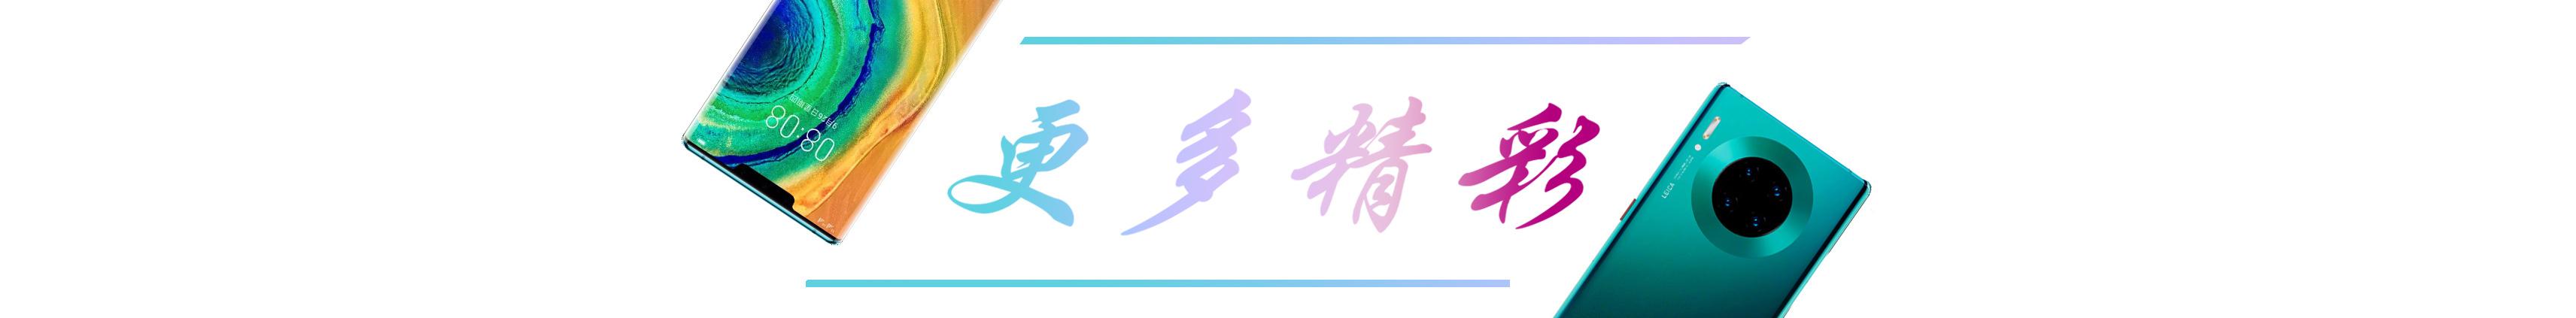 更多精彩标准版 .jpg